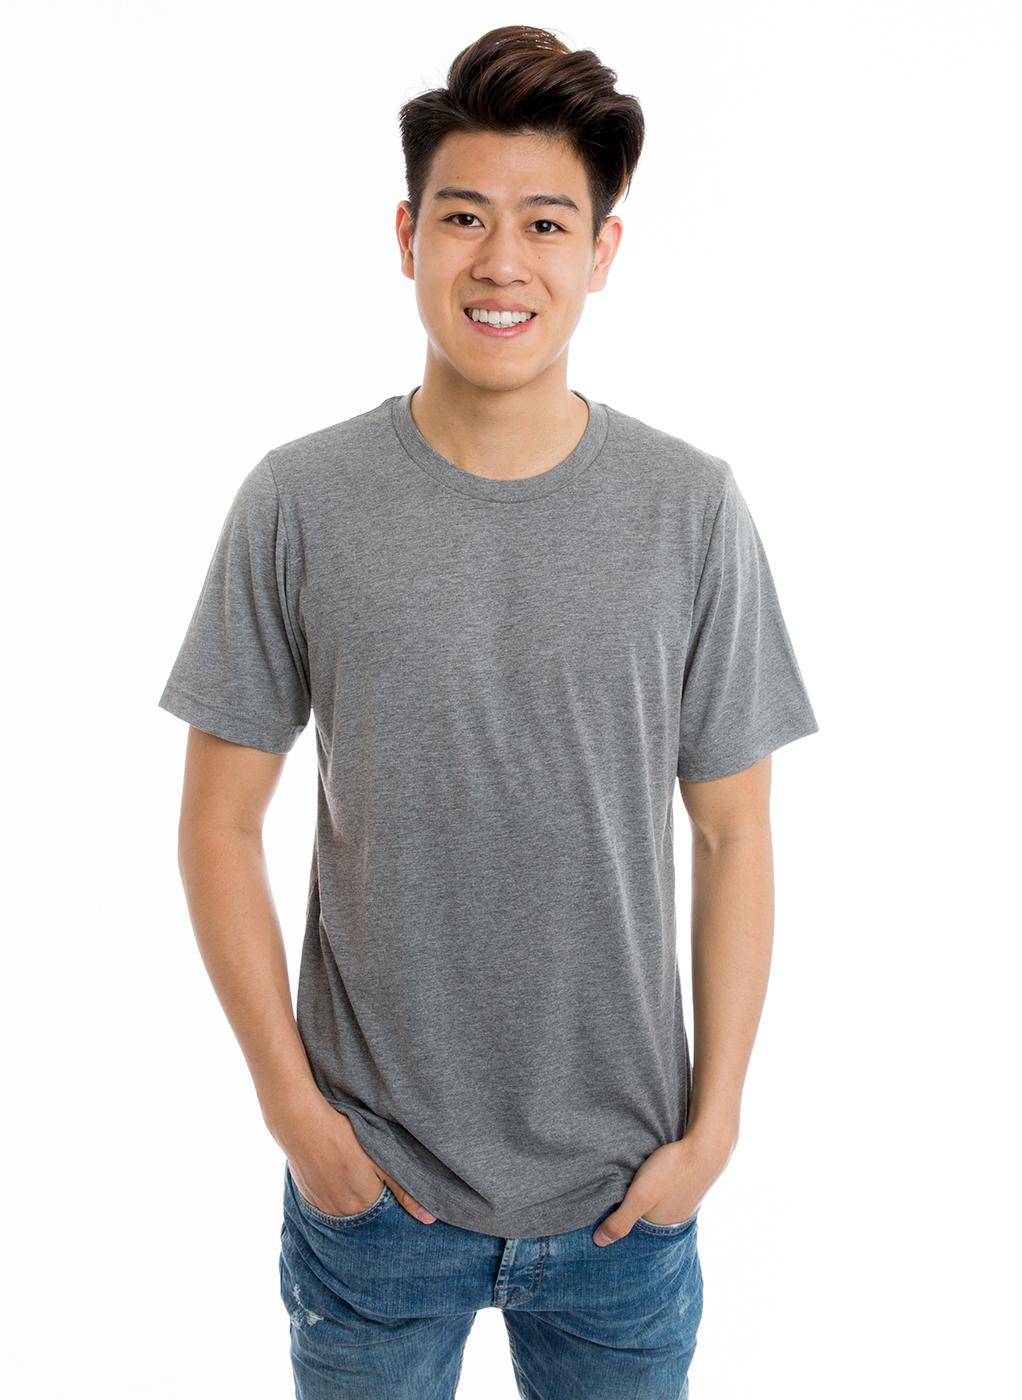 grijs tshirt